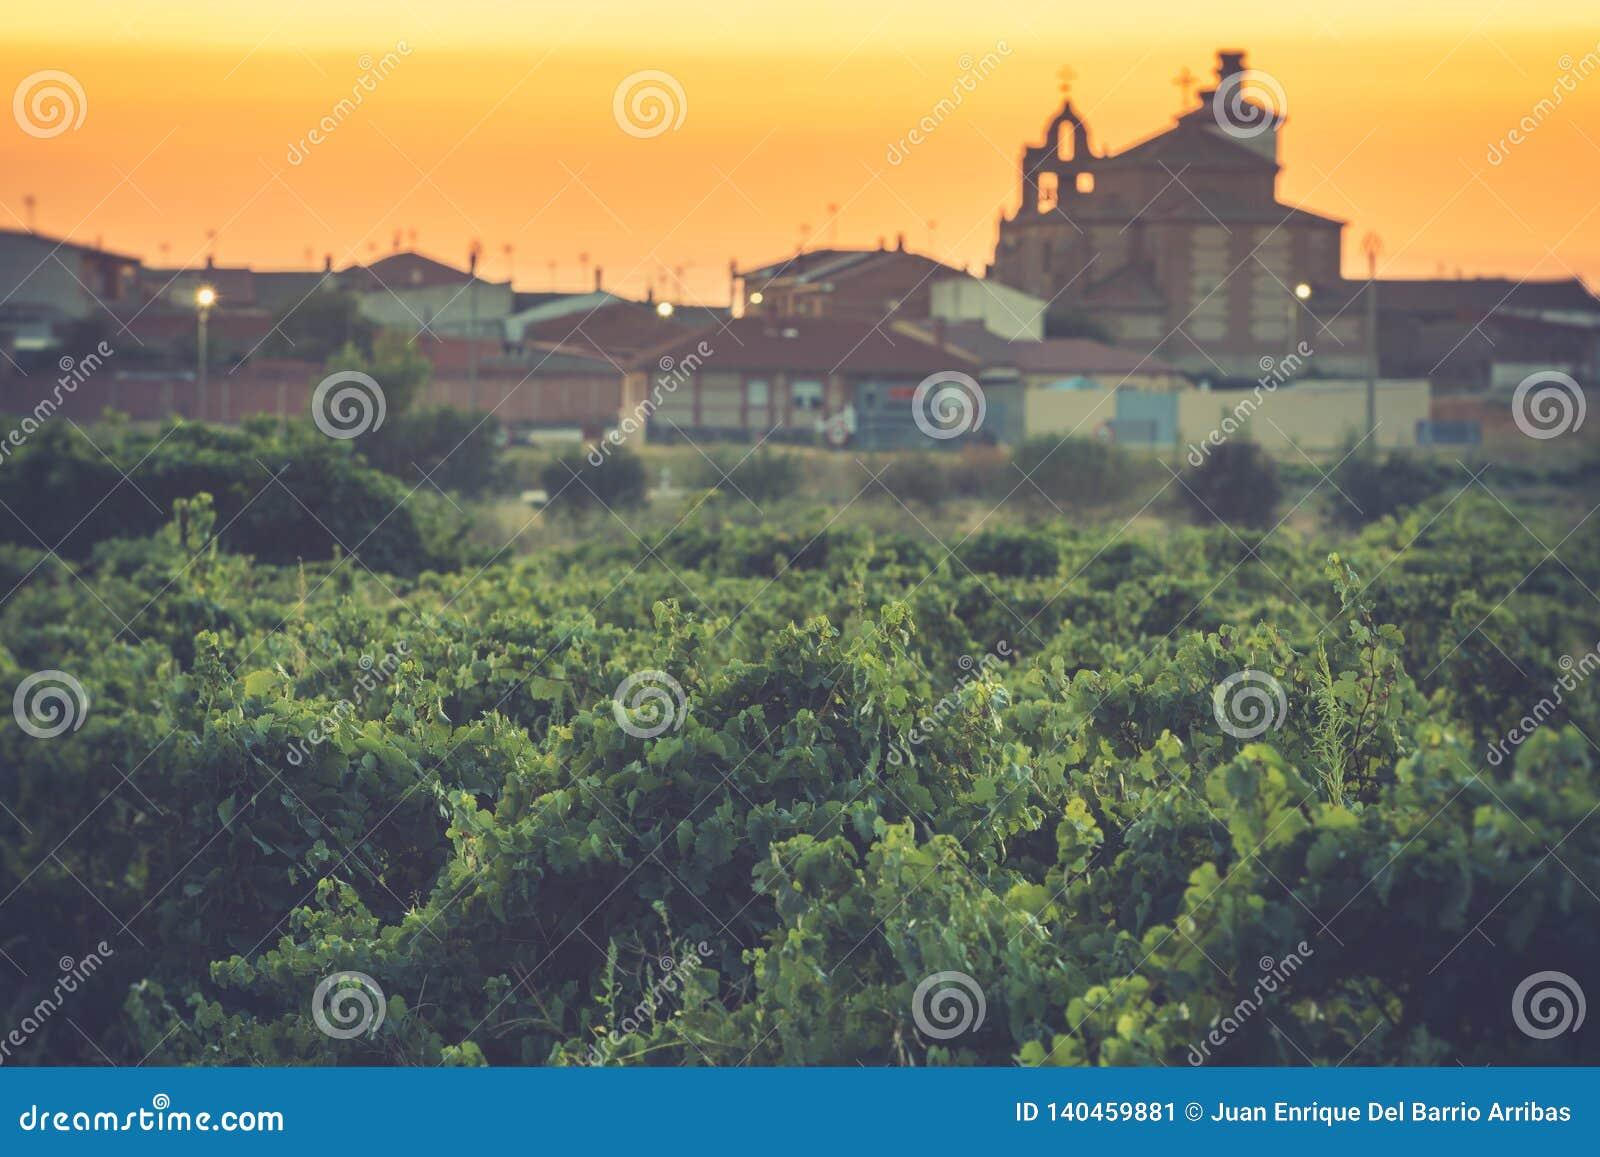 Los viñedos en el distrito de Nieva Segovia, España Vinos blancos de las uvas más de alta calidad, perteneciendo a la designación